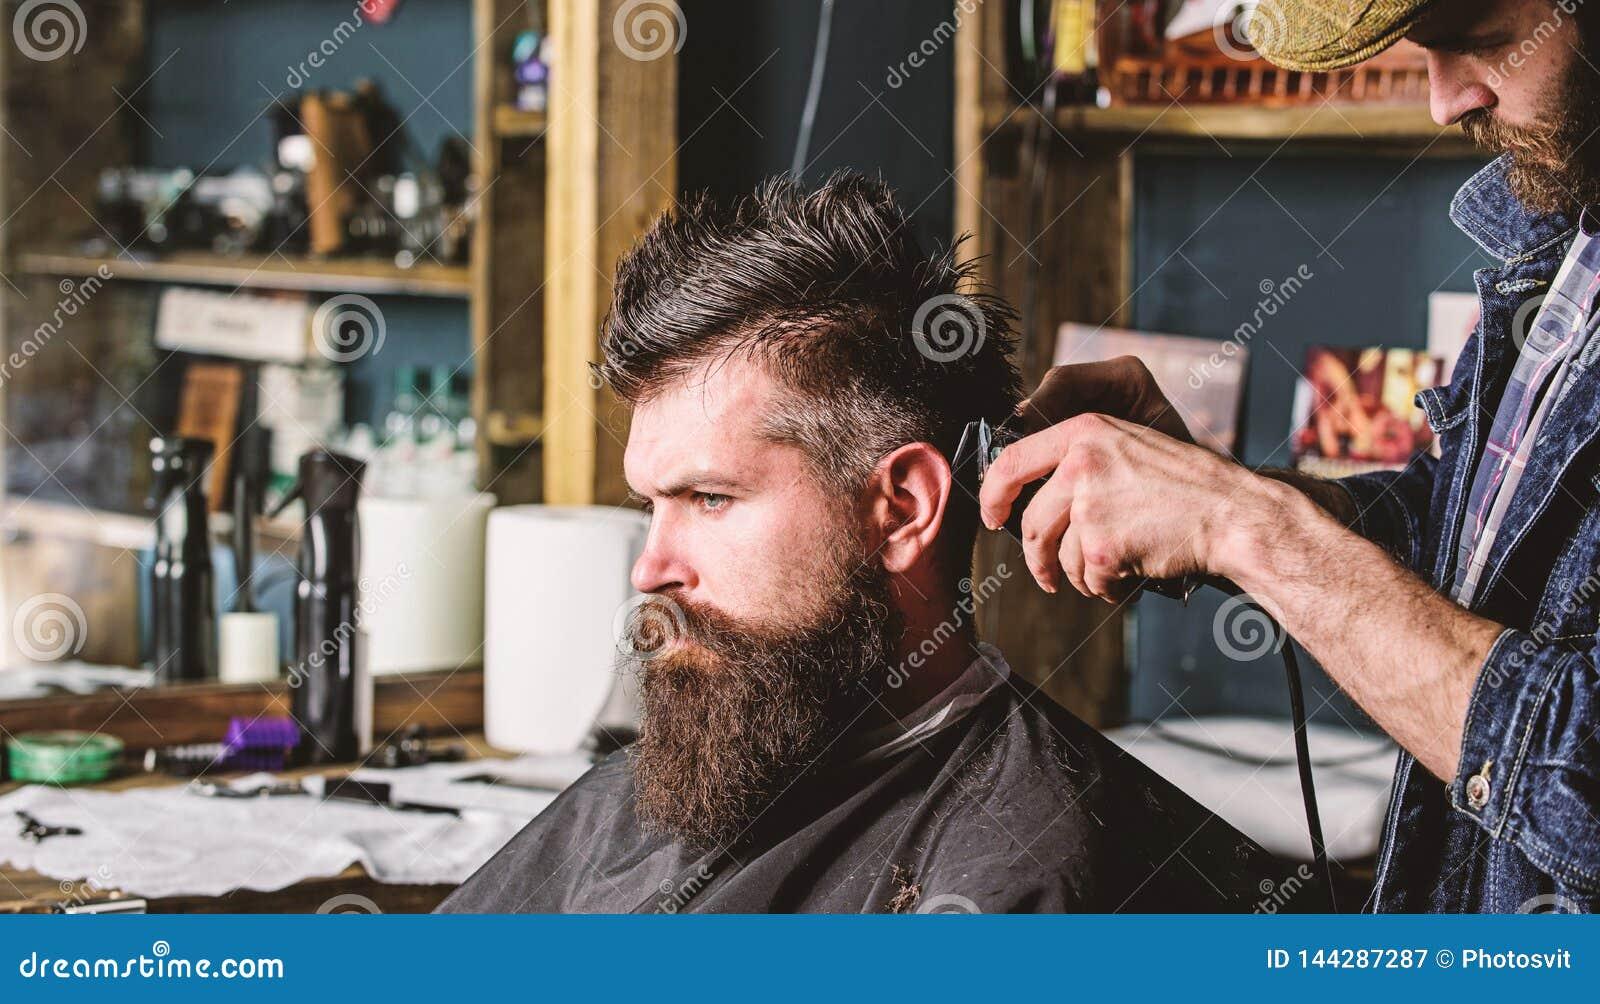 Modnisia klient dostaje ostrzyżenie Ostrzyżenia pojęcie Fryzjera męskiego tytułowania włosy brodaty klient z gręplą i cążki barbe